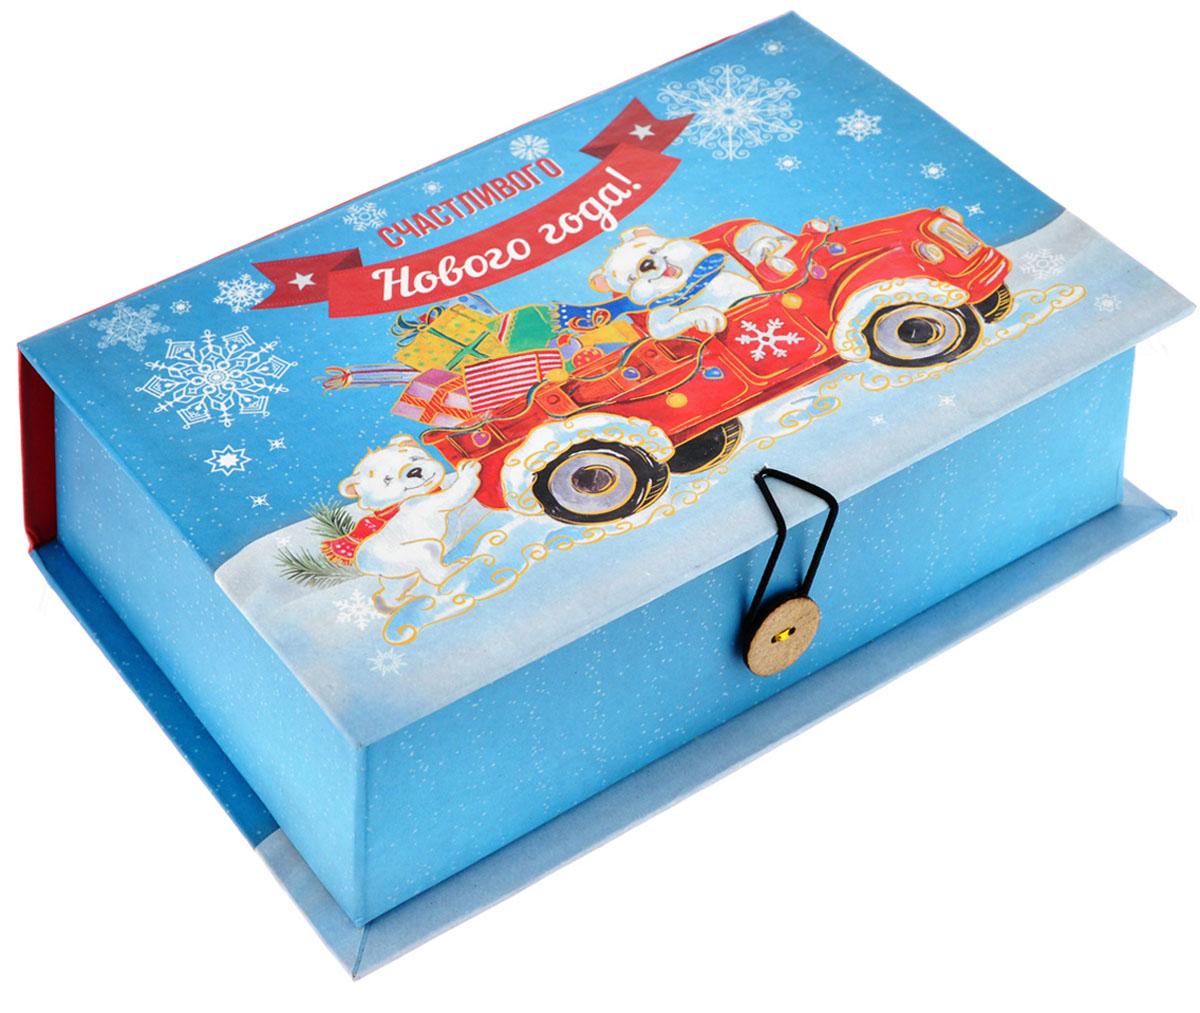 Подарочная коробка Феникс-Презент Медвежата и автомобиль, 20 см х 14 см х 6 см39256Подарочная коробка Феникс-Презент Медвежата и автомобиль выполнена из плотного картона. Крышка оформлена ярким изображением медведей в автомобиле с подарками. Коробка закрывается на пуговицу. Подарочная коробка - это наилучшее решение, если вы хотите порадовать ваших близких и создать праздничное настроение, ведь подарок, преподнесенный в оригинальной упаковке, всегда будет самым эффектным и запоминающимся. Окружите близких людей вниманием и заботой, вручив презент в нарядном, праздничном оформлении.